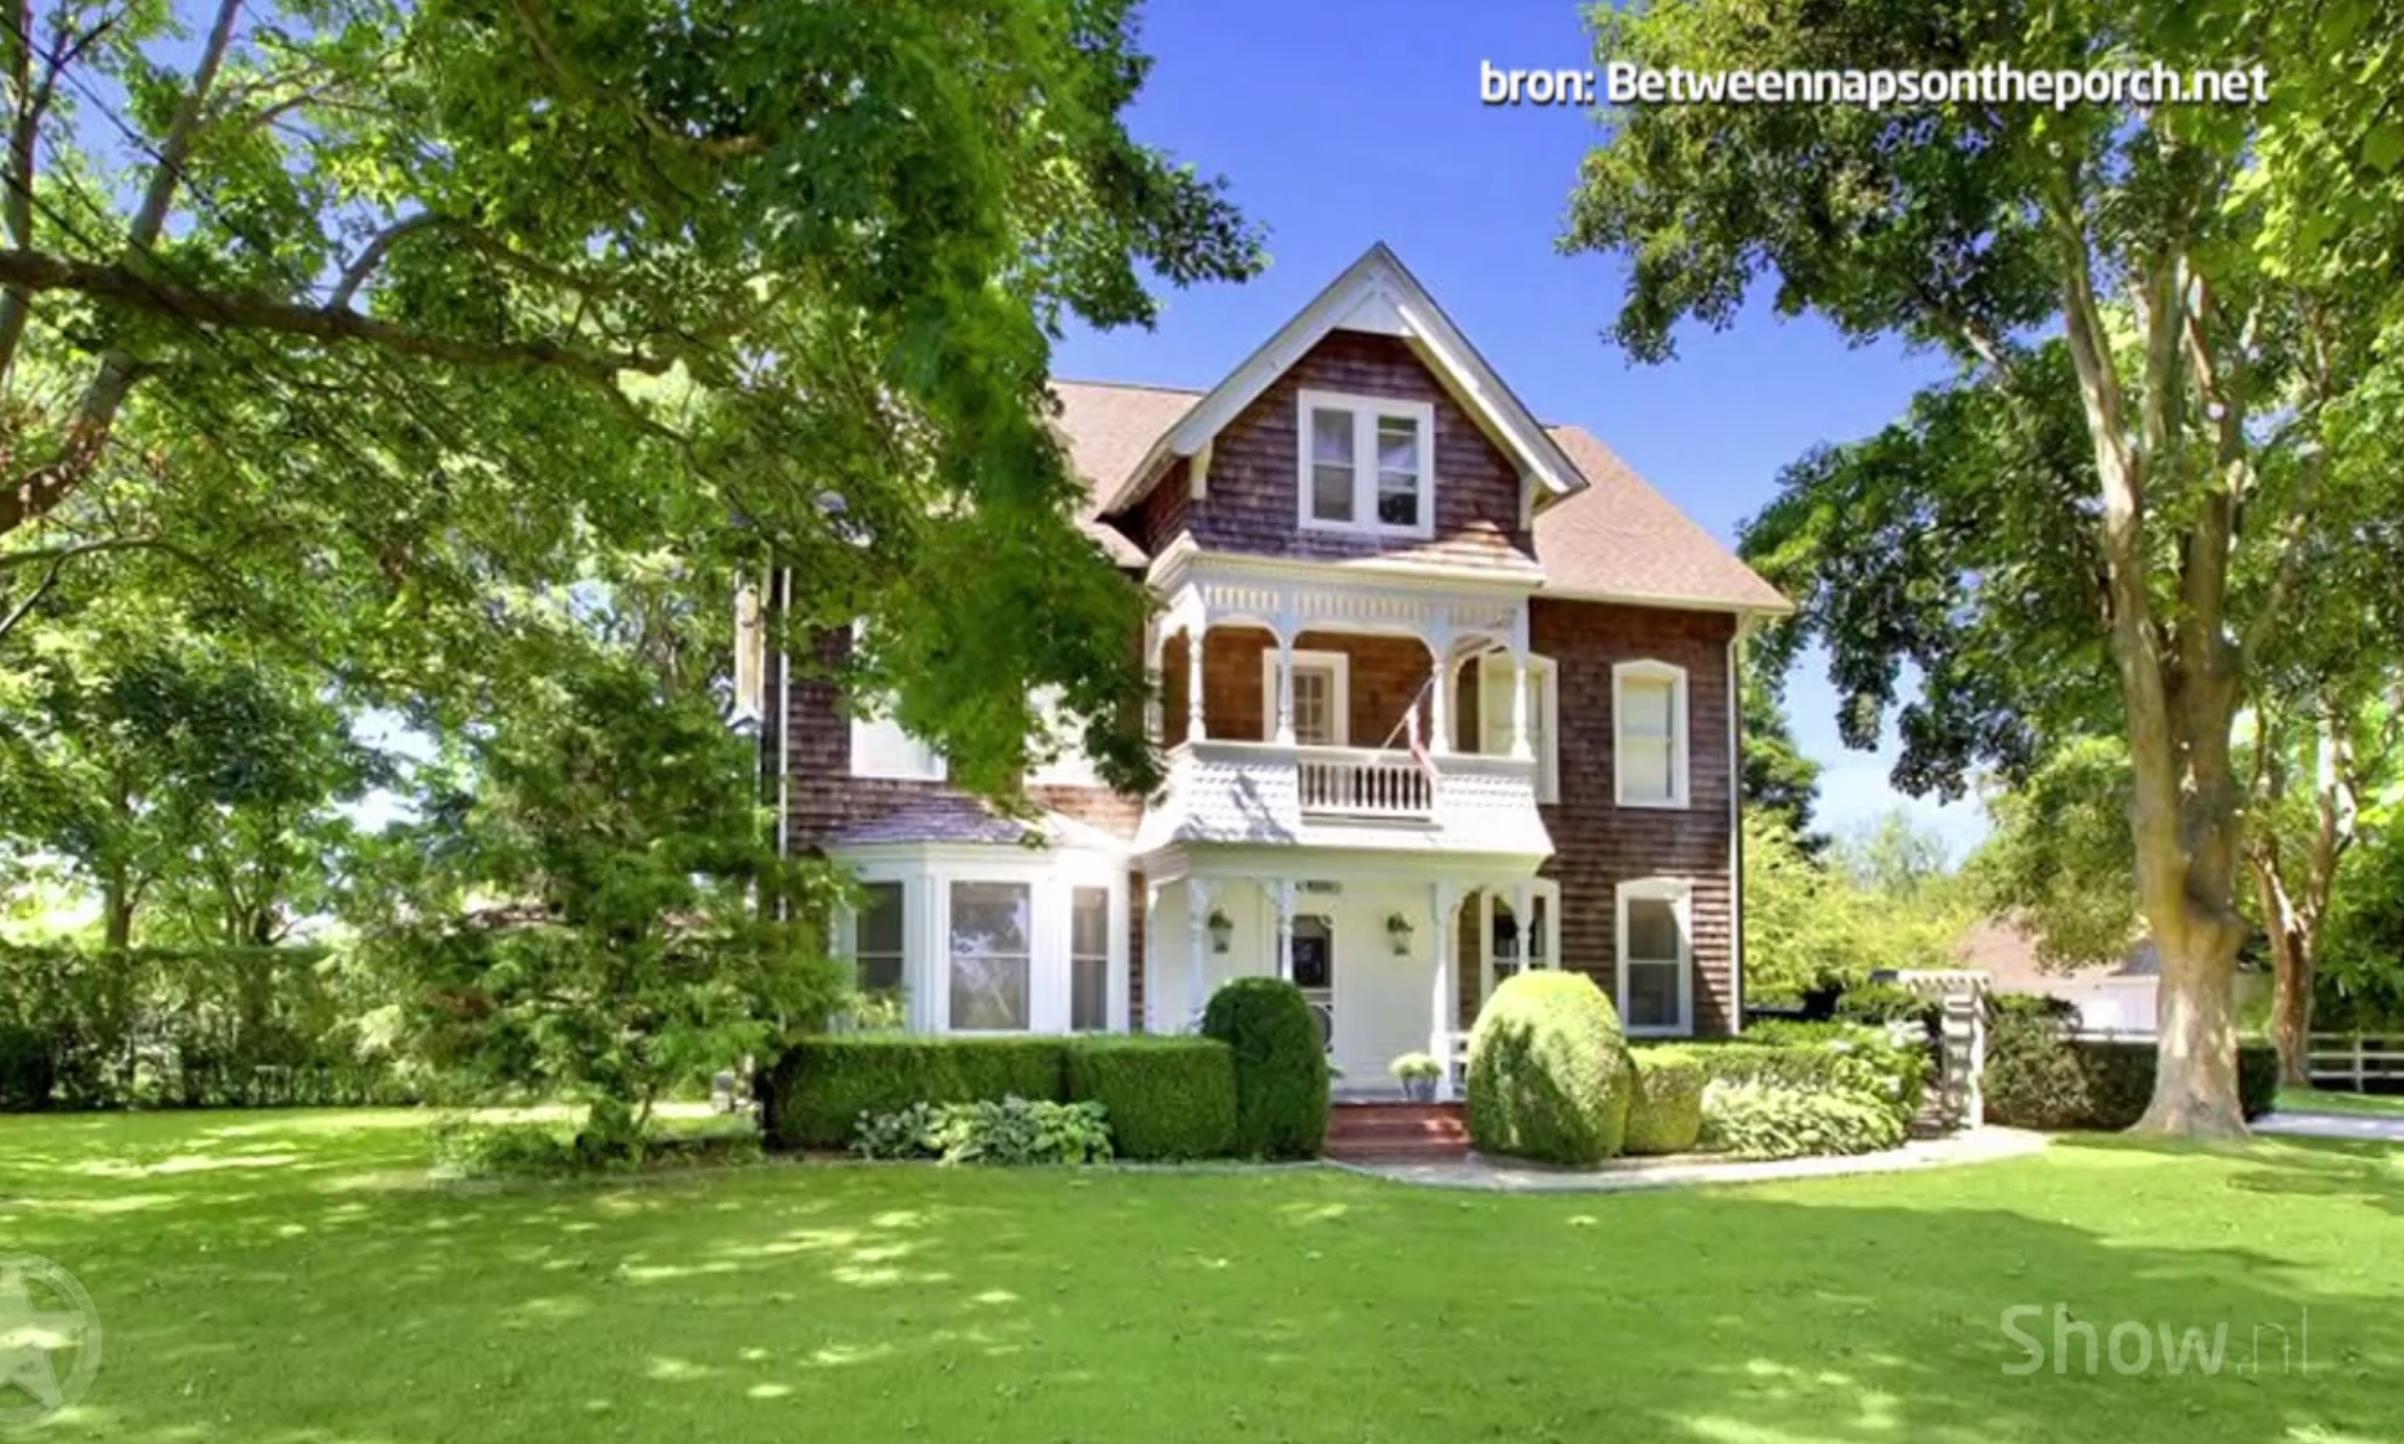 Binnenkijken bij Jimmy Fallons villa in de Hamptons